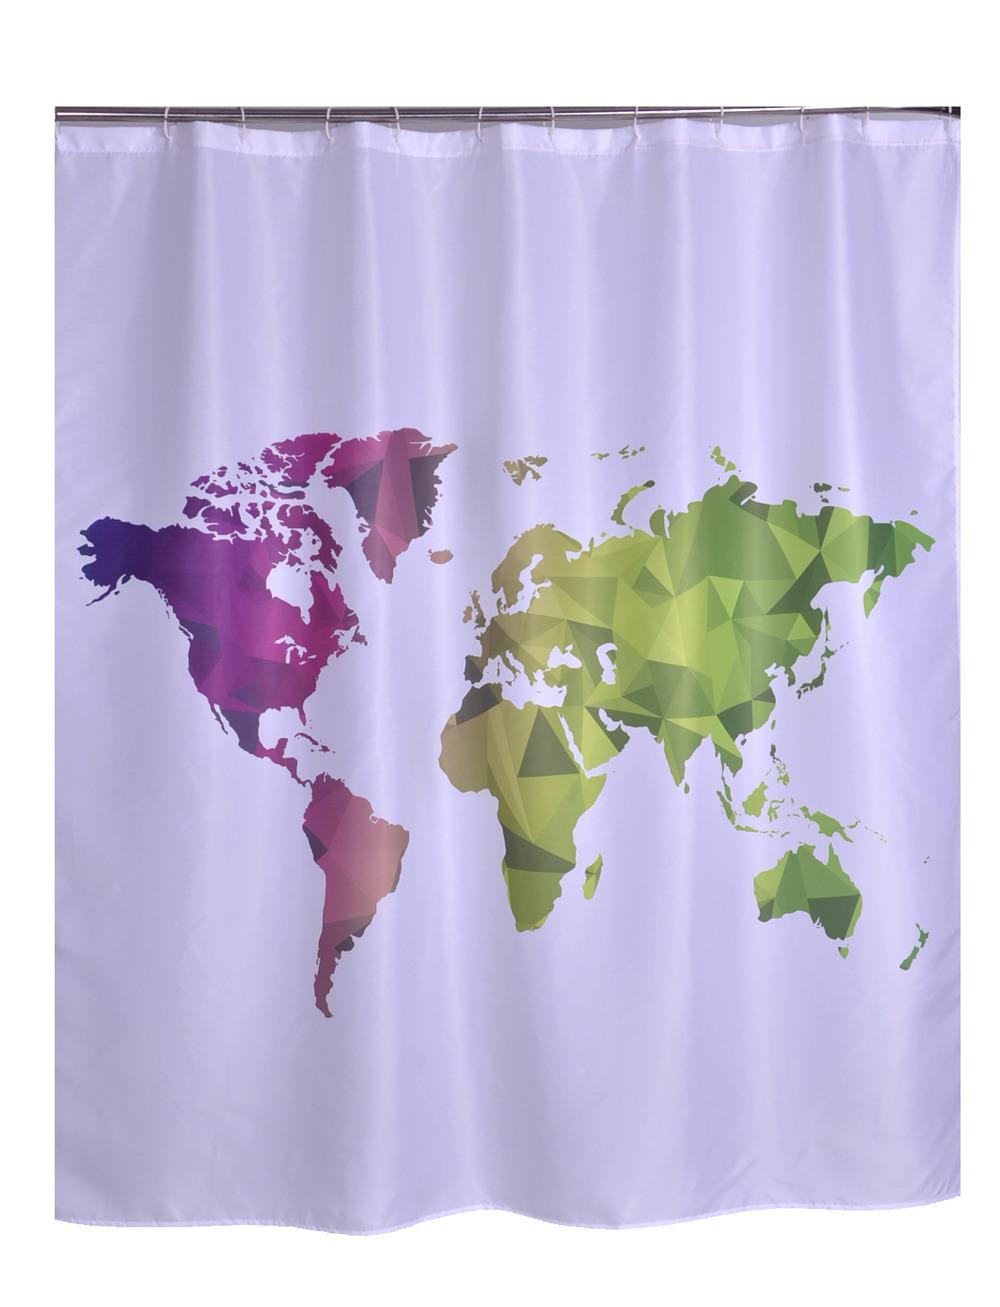 Rideau de douche liner promotion achetez des rideau de douche liner promotion - Rideau de douche carte du monde ...